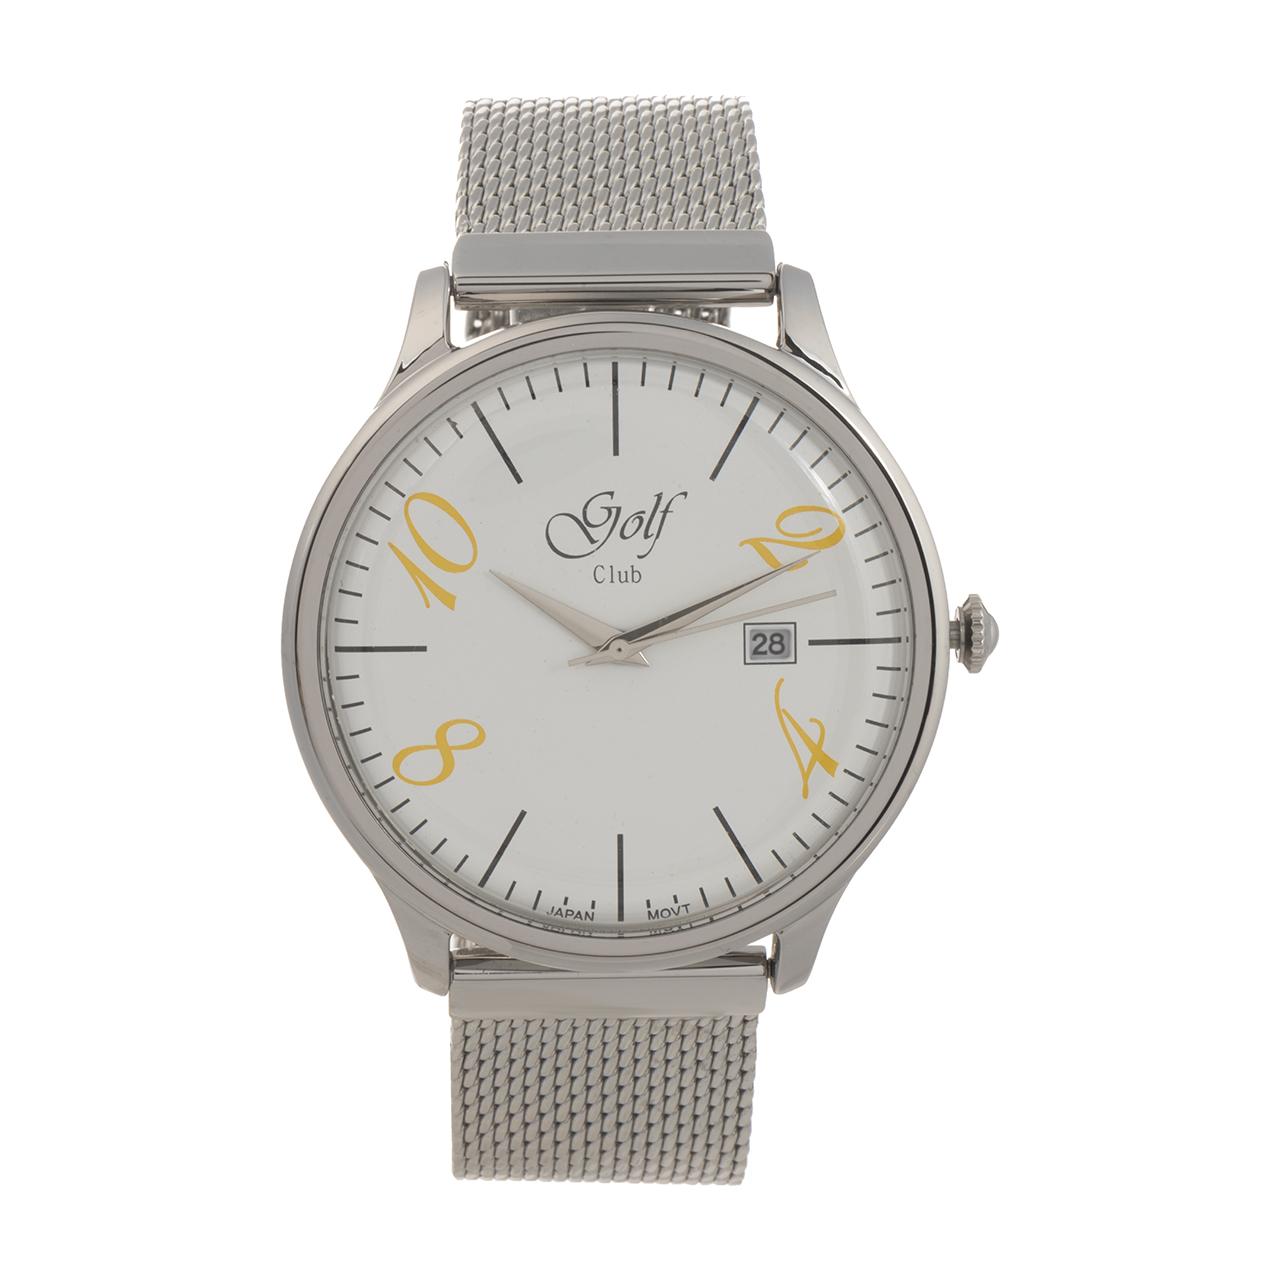 ساعت  گلف کلاب مدل 121-4